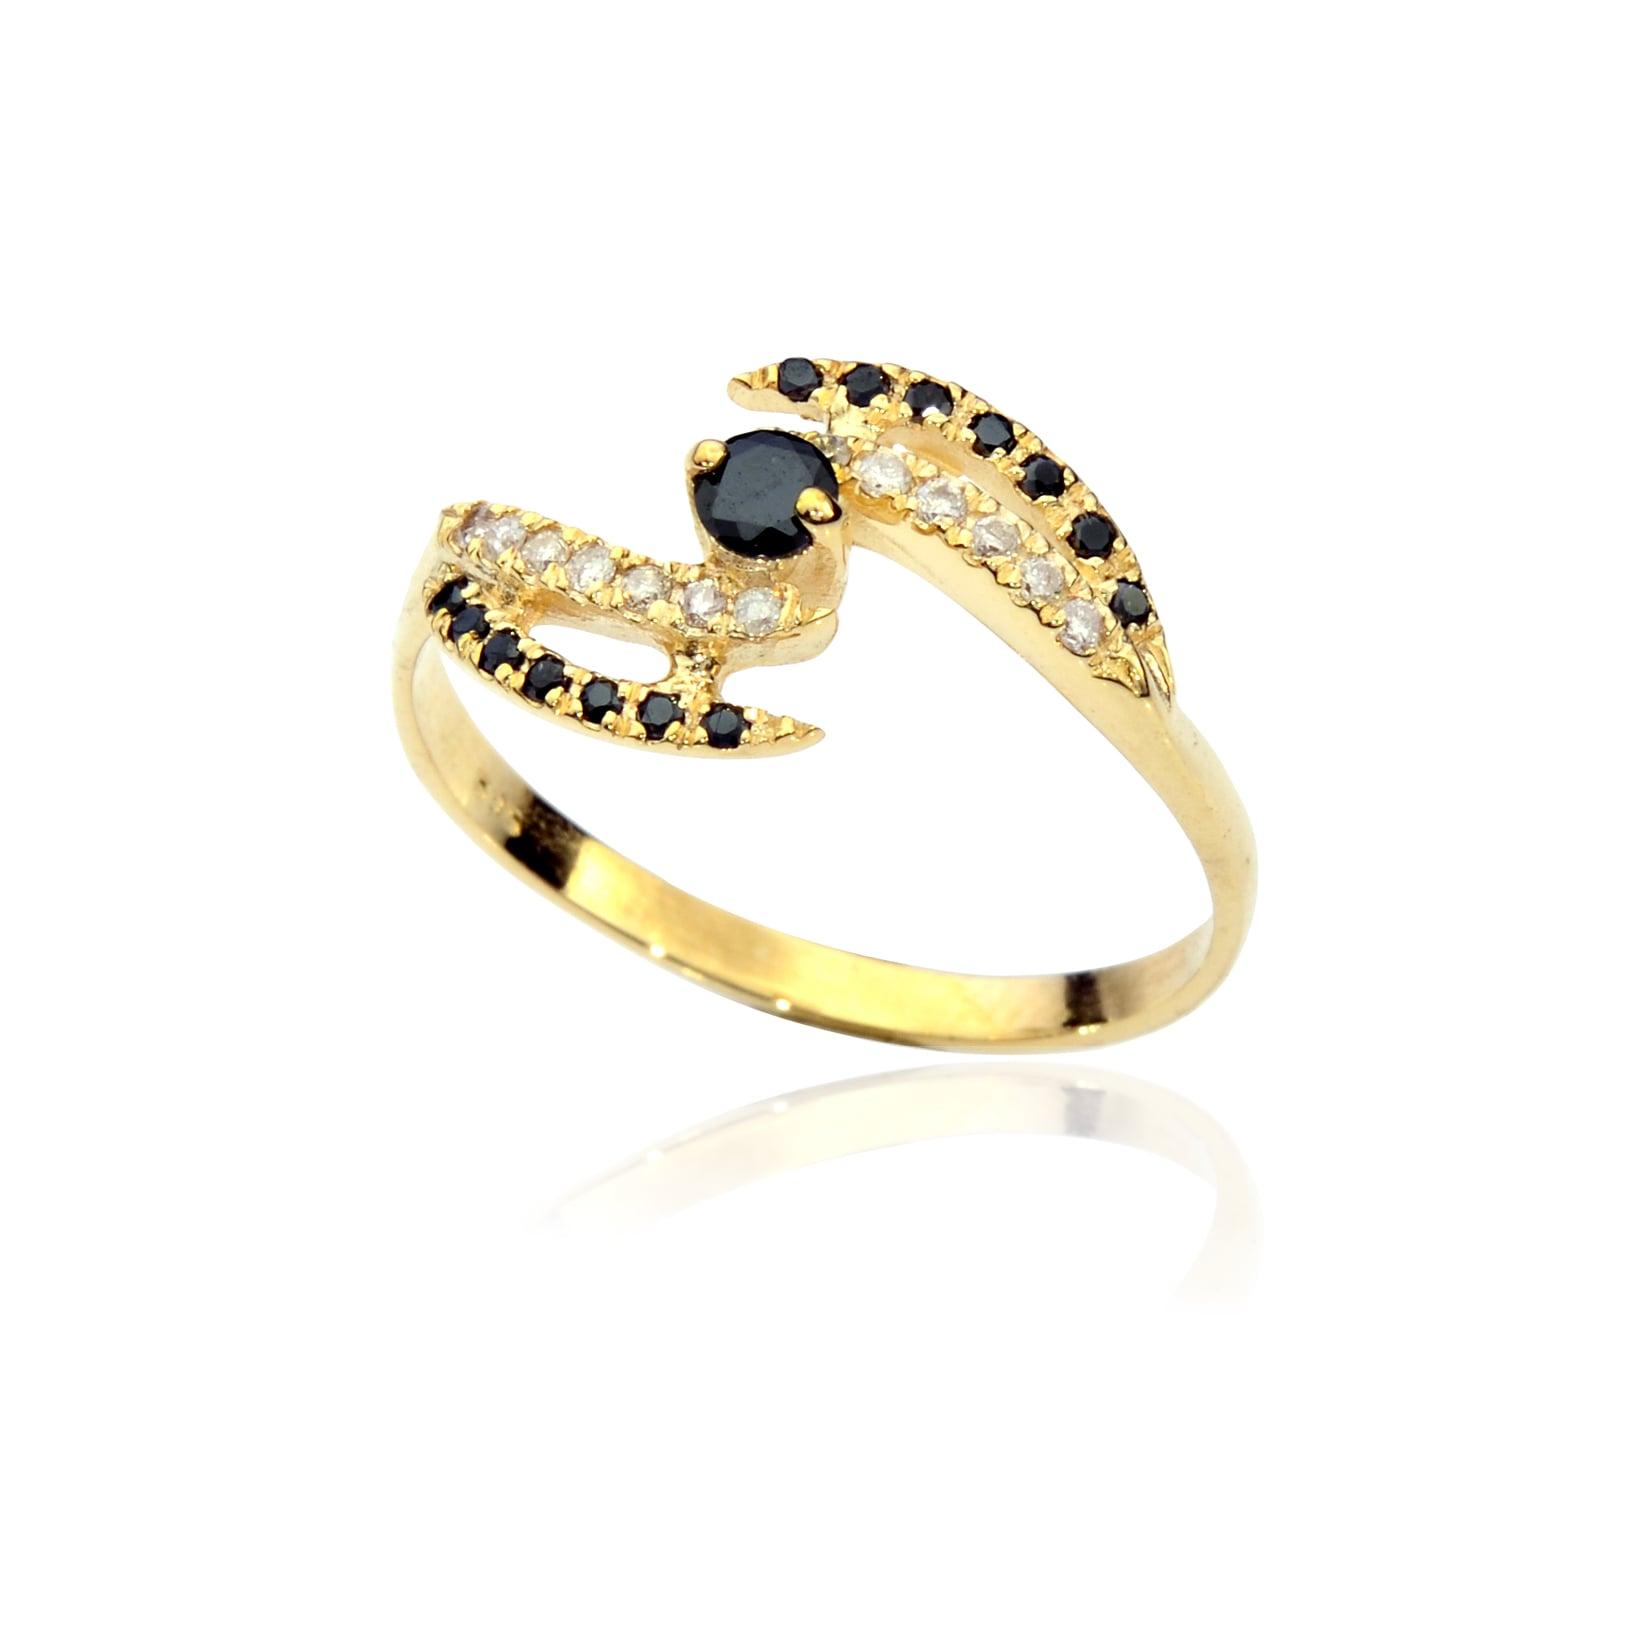 טבעת מניפה יהלומים שחורים ולבנים בזהב 14 קרט